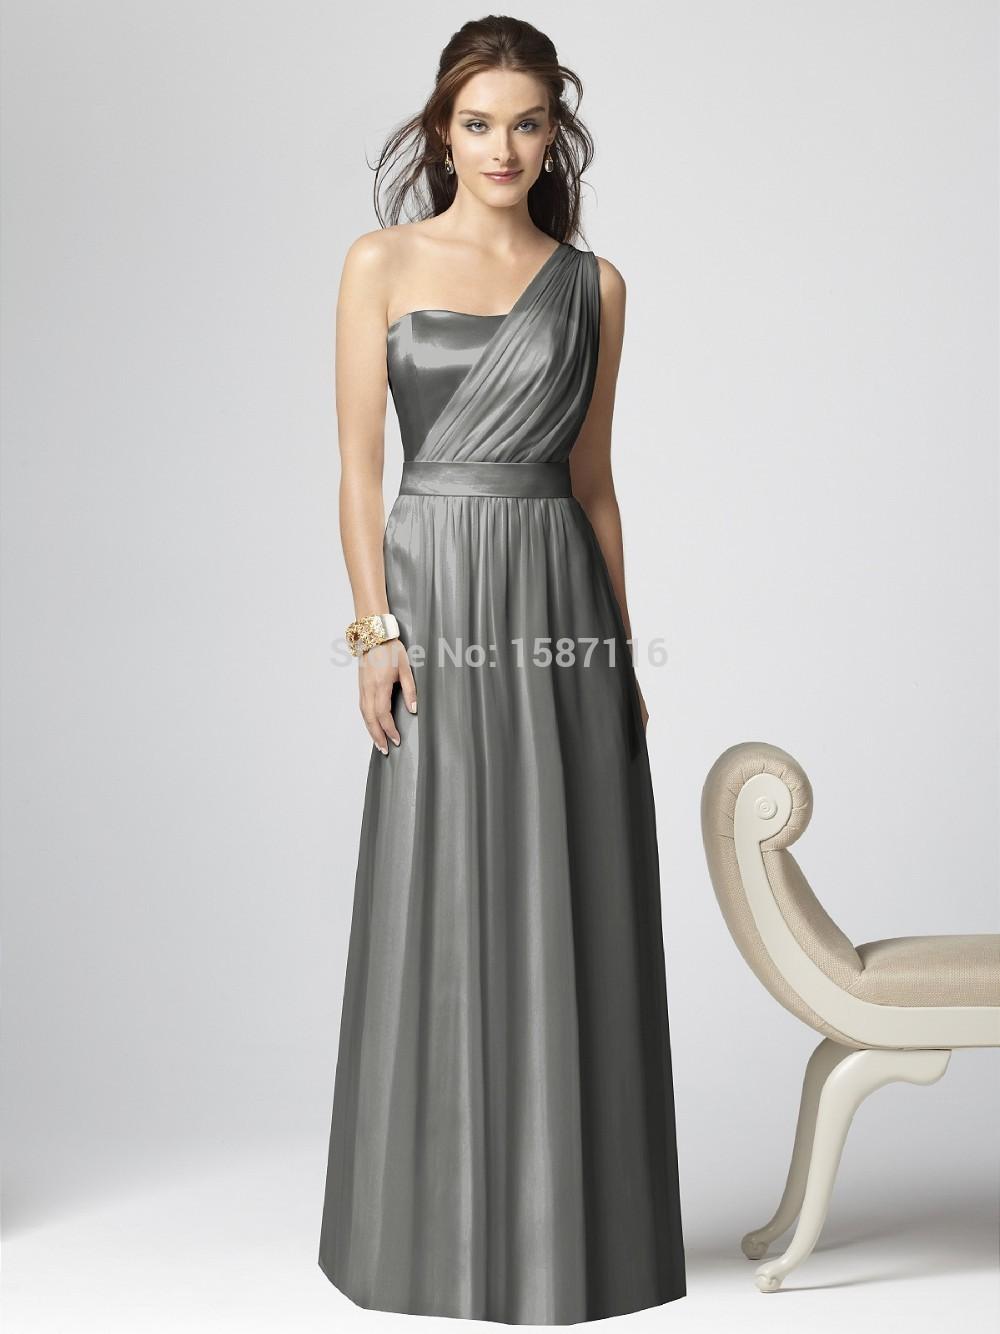 Plus Size Bridesmaid Dresses Dallas Tx - Boutique Prom Dresses